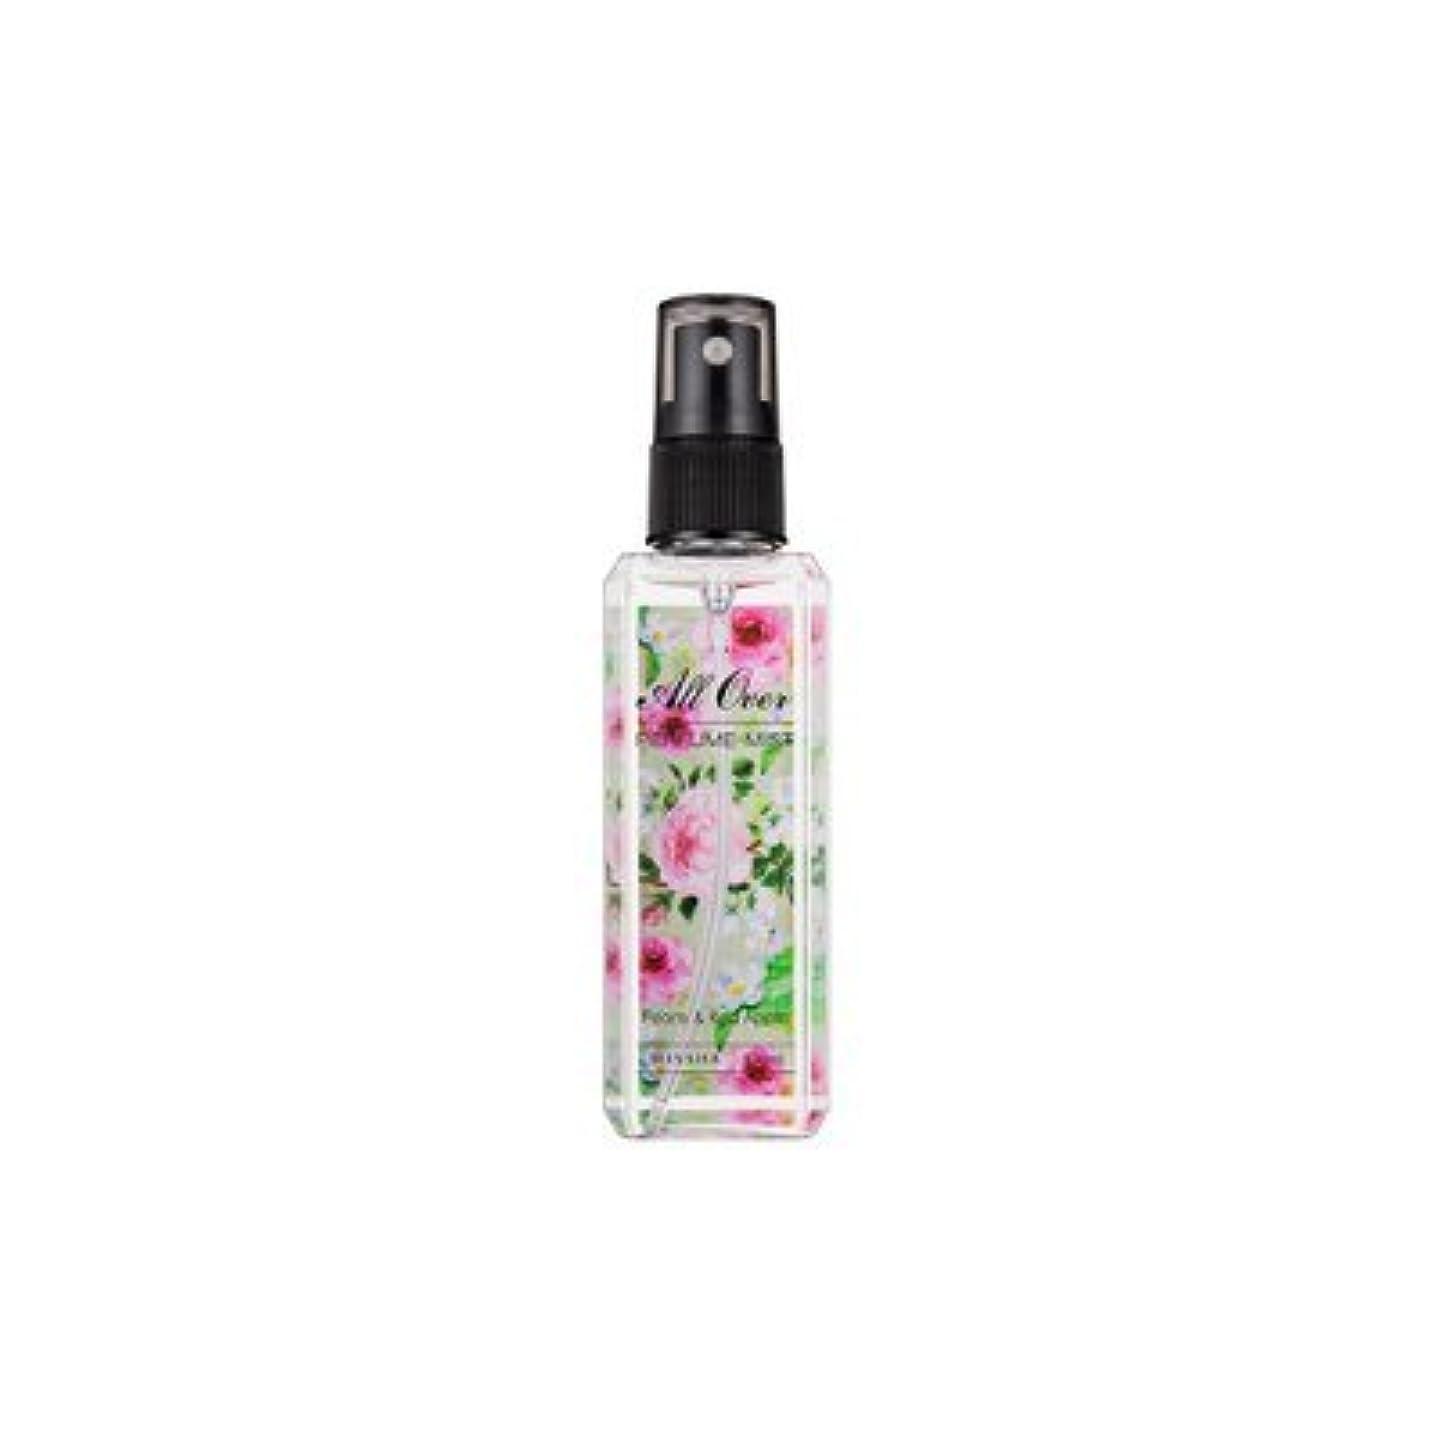 幾分刺す記念日MISSHA All Over Perfumed Mist (Peony & Red Apple)/ ミシャ オールオーバーパフュームミスト (Peony & Red Apple) [並行輸入品]